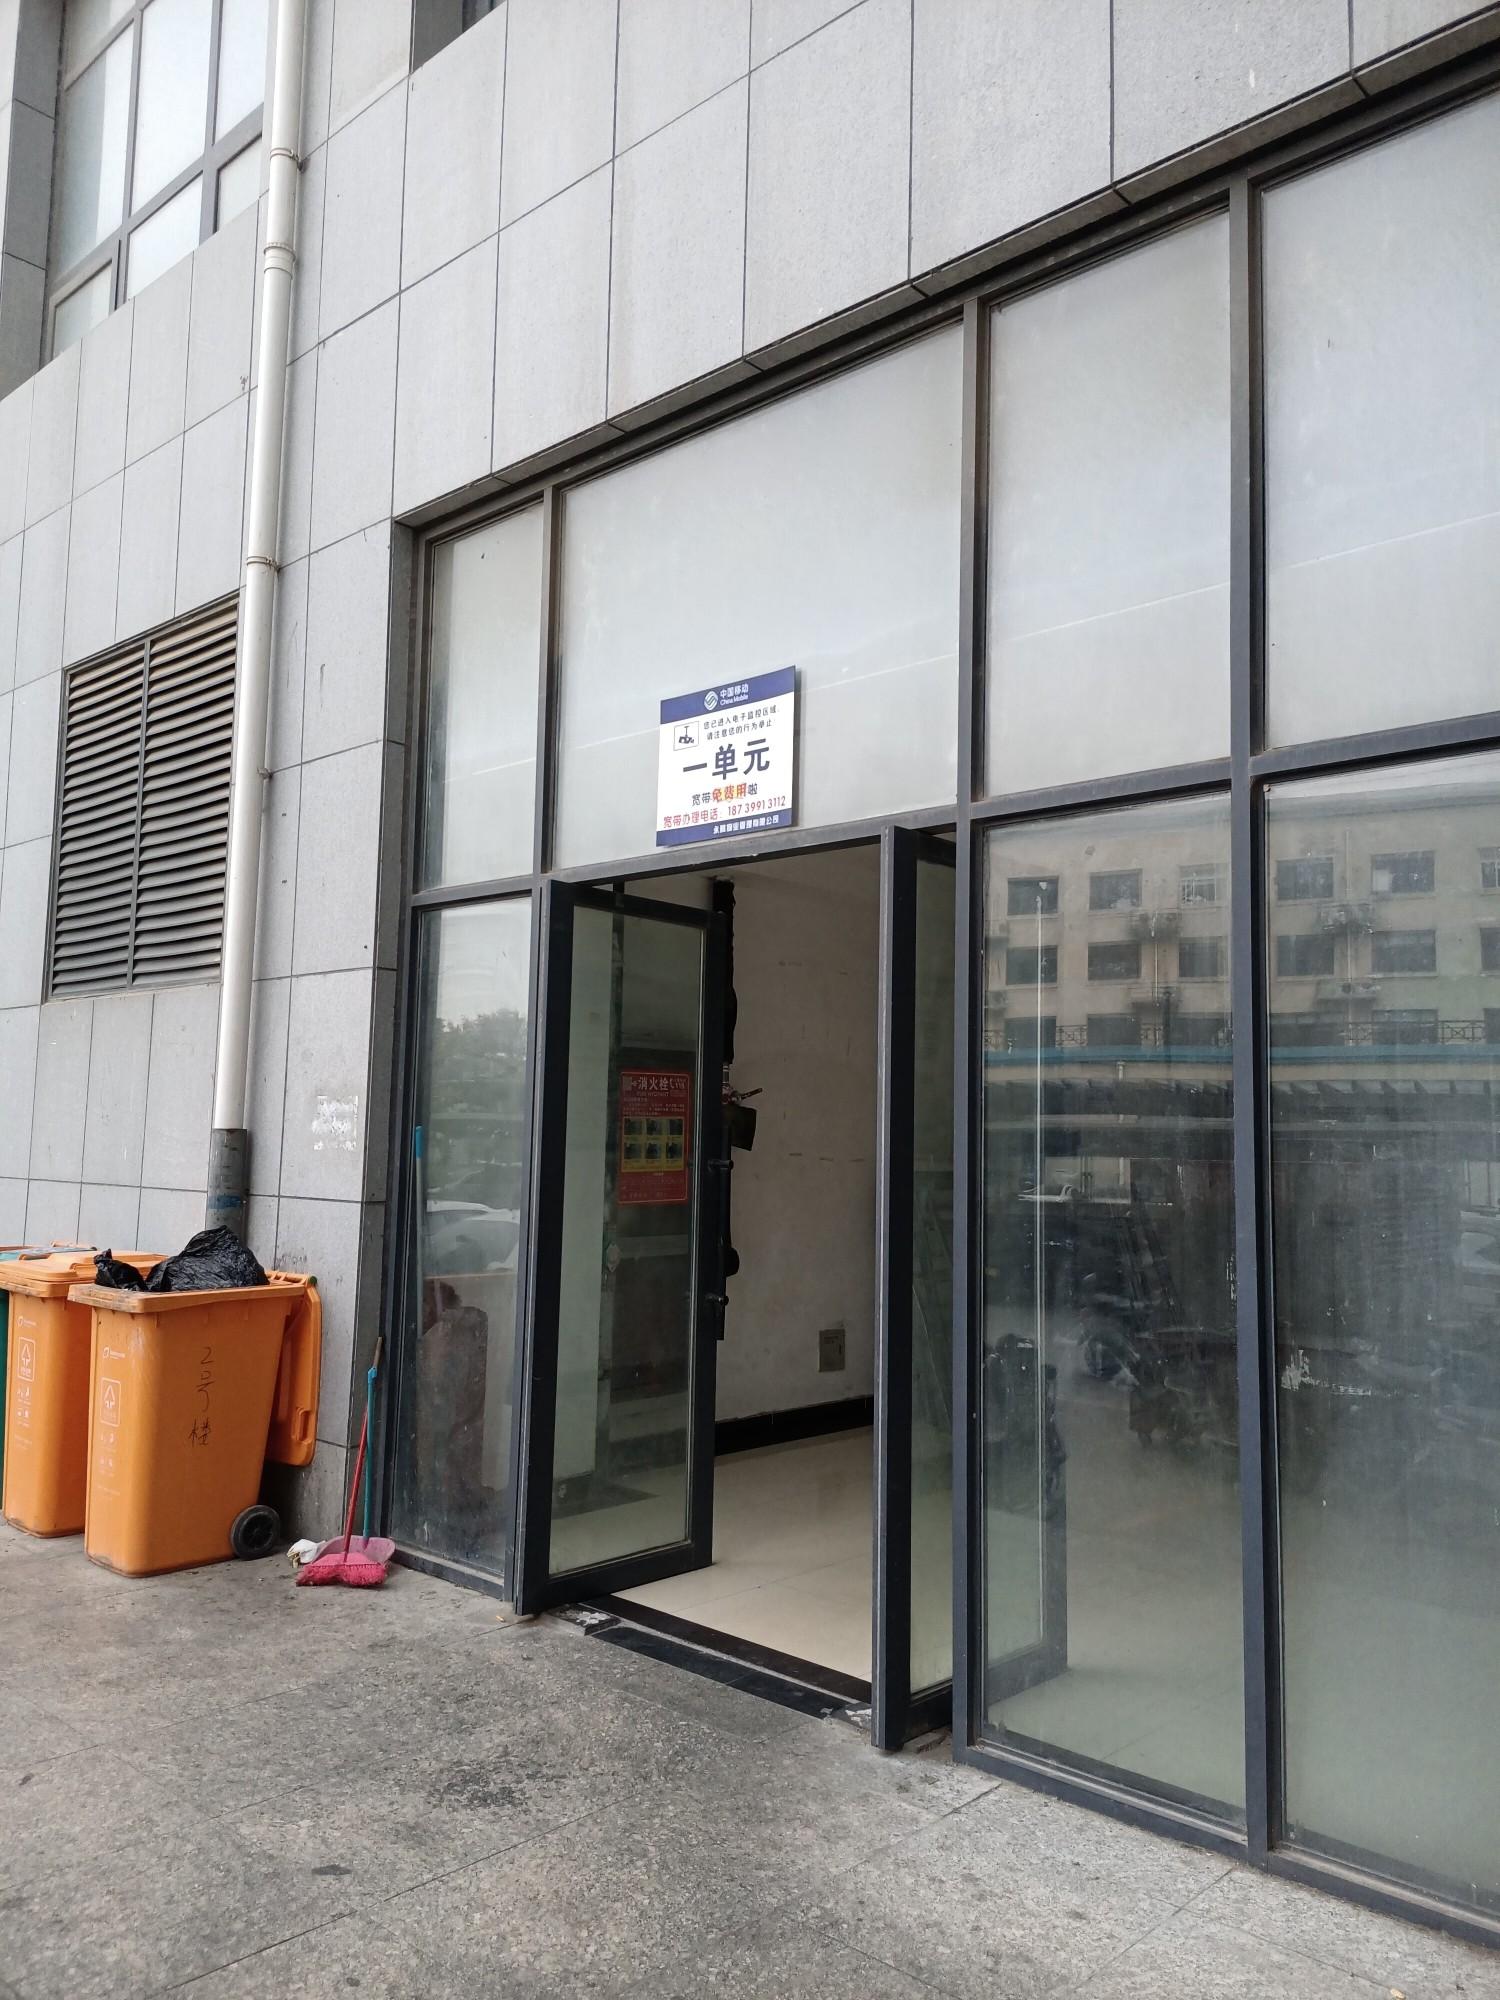 三四十萬的電梯免費安裝?記者暗訪發現背后黑幕